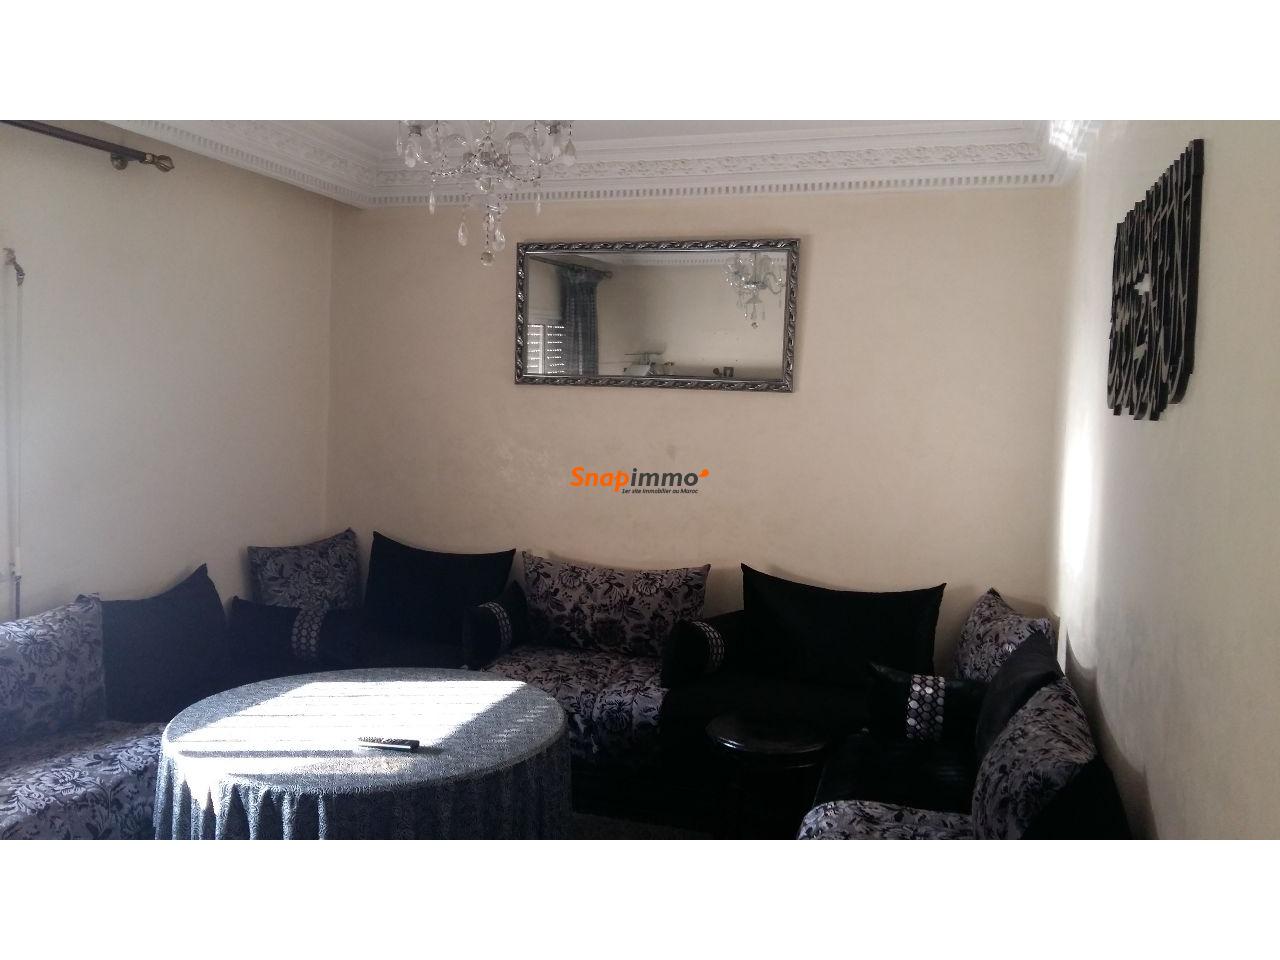 Aprt a vendre residence ennasr bd med 6 - 1/6